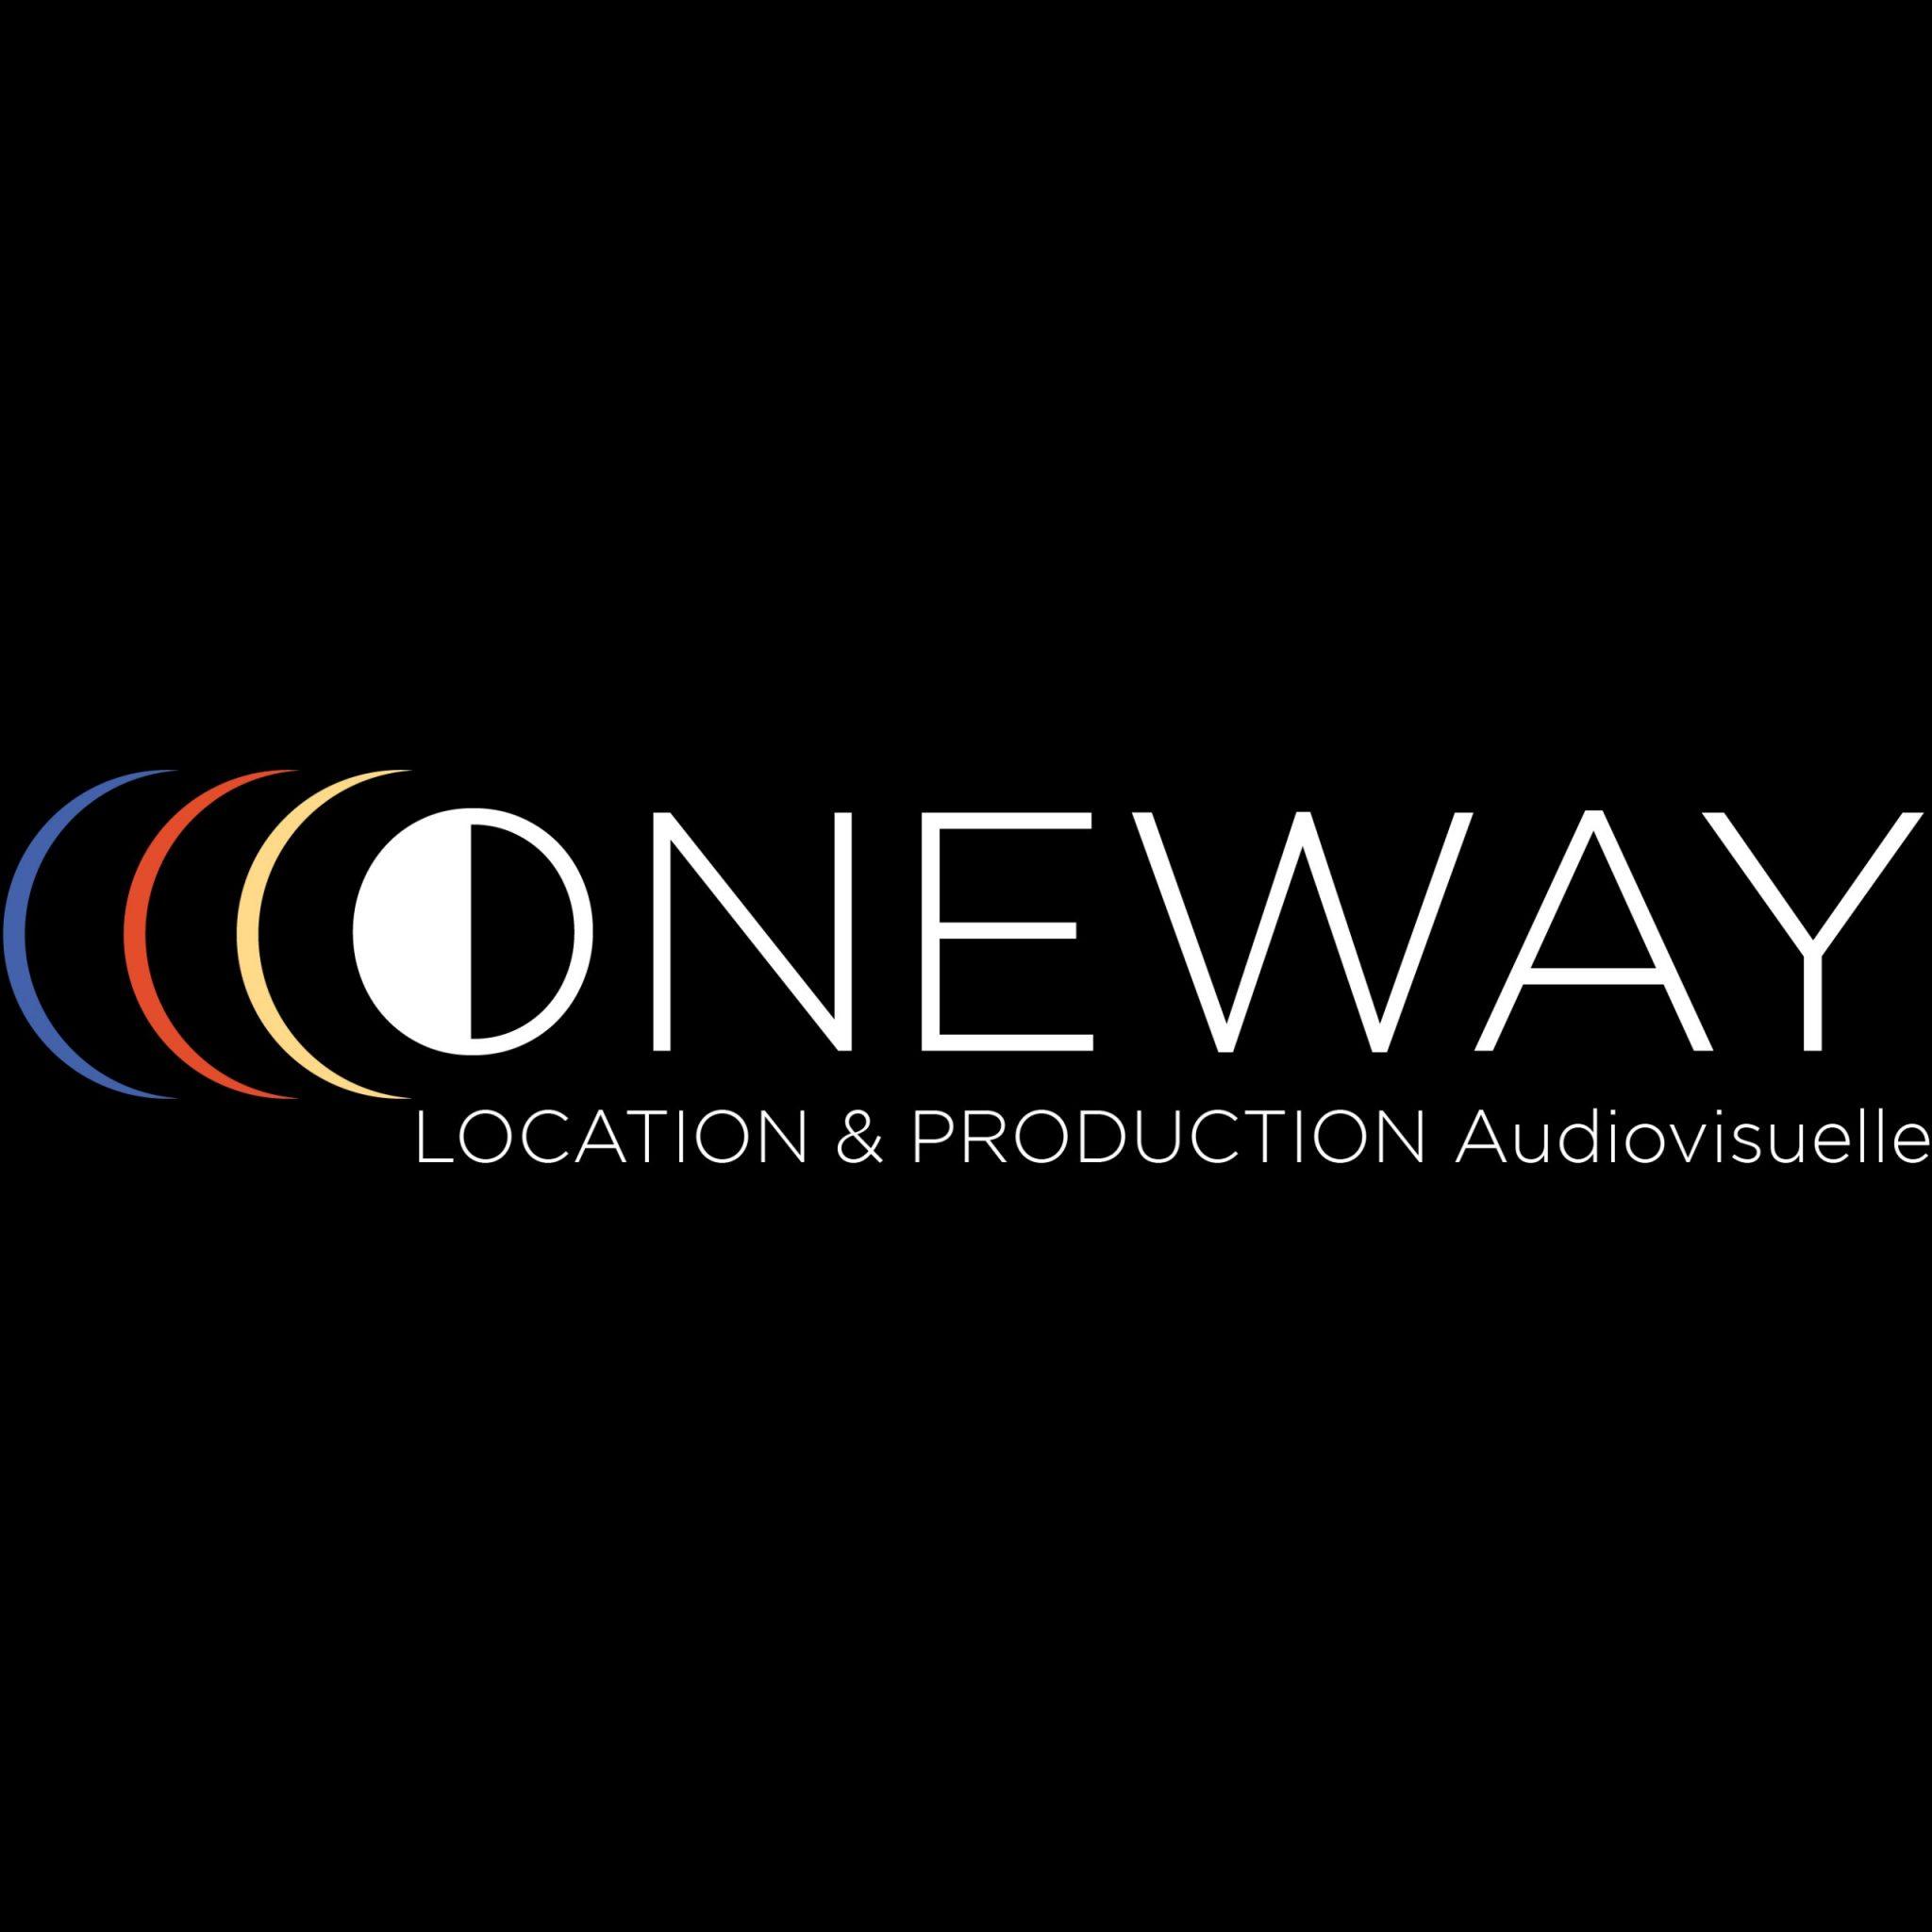 Production et location de matériel audiovisuel dans le Sud